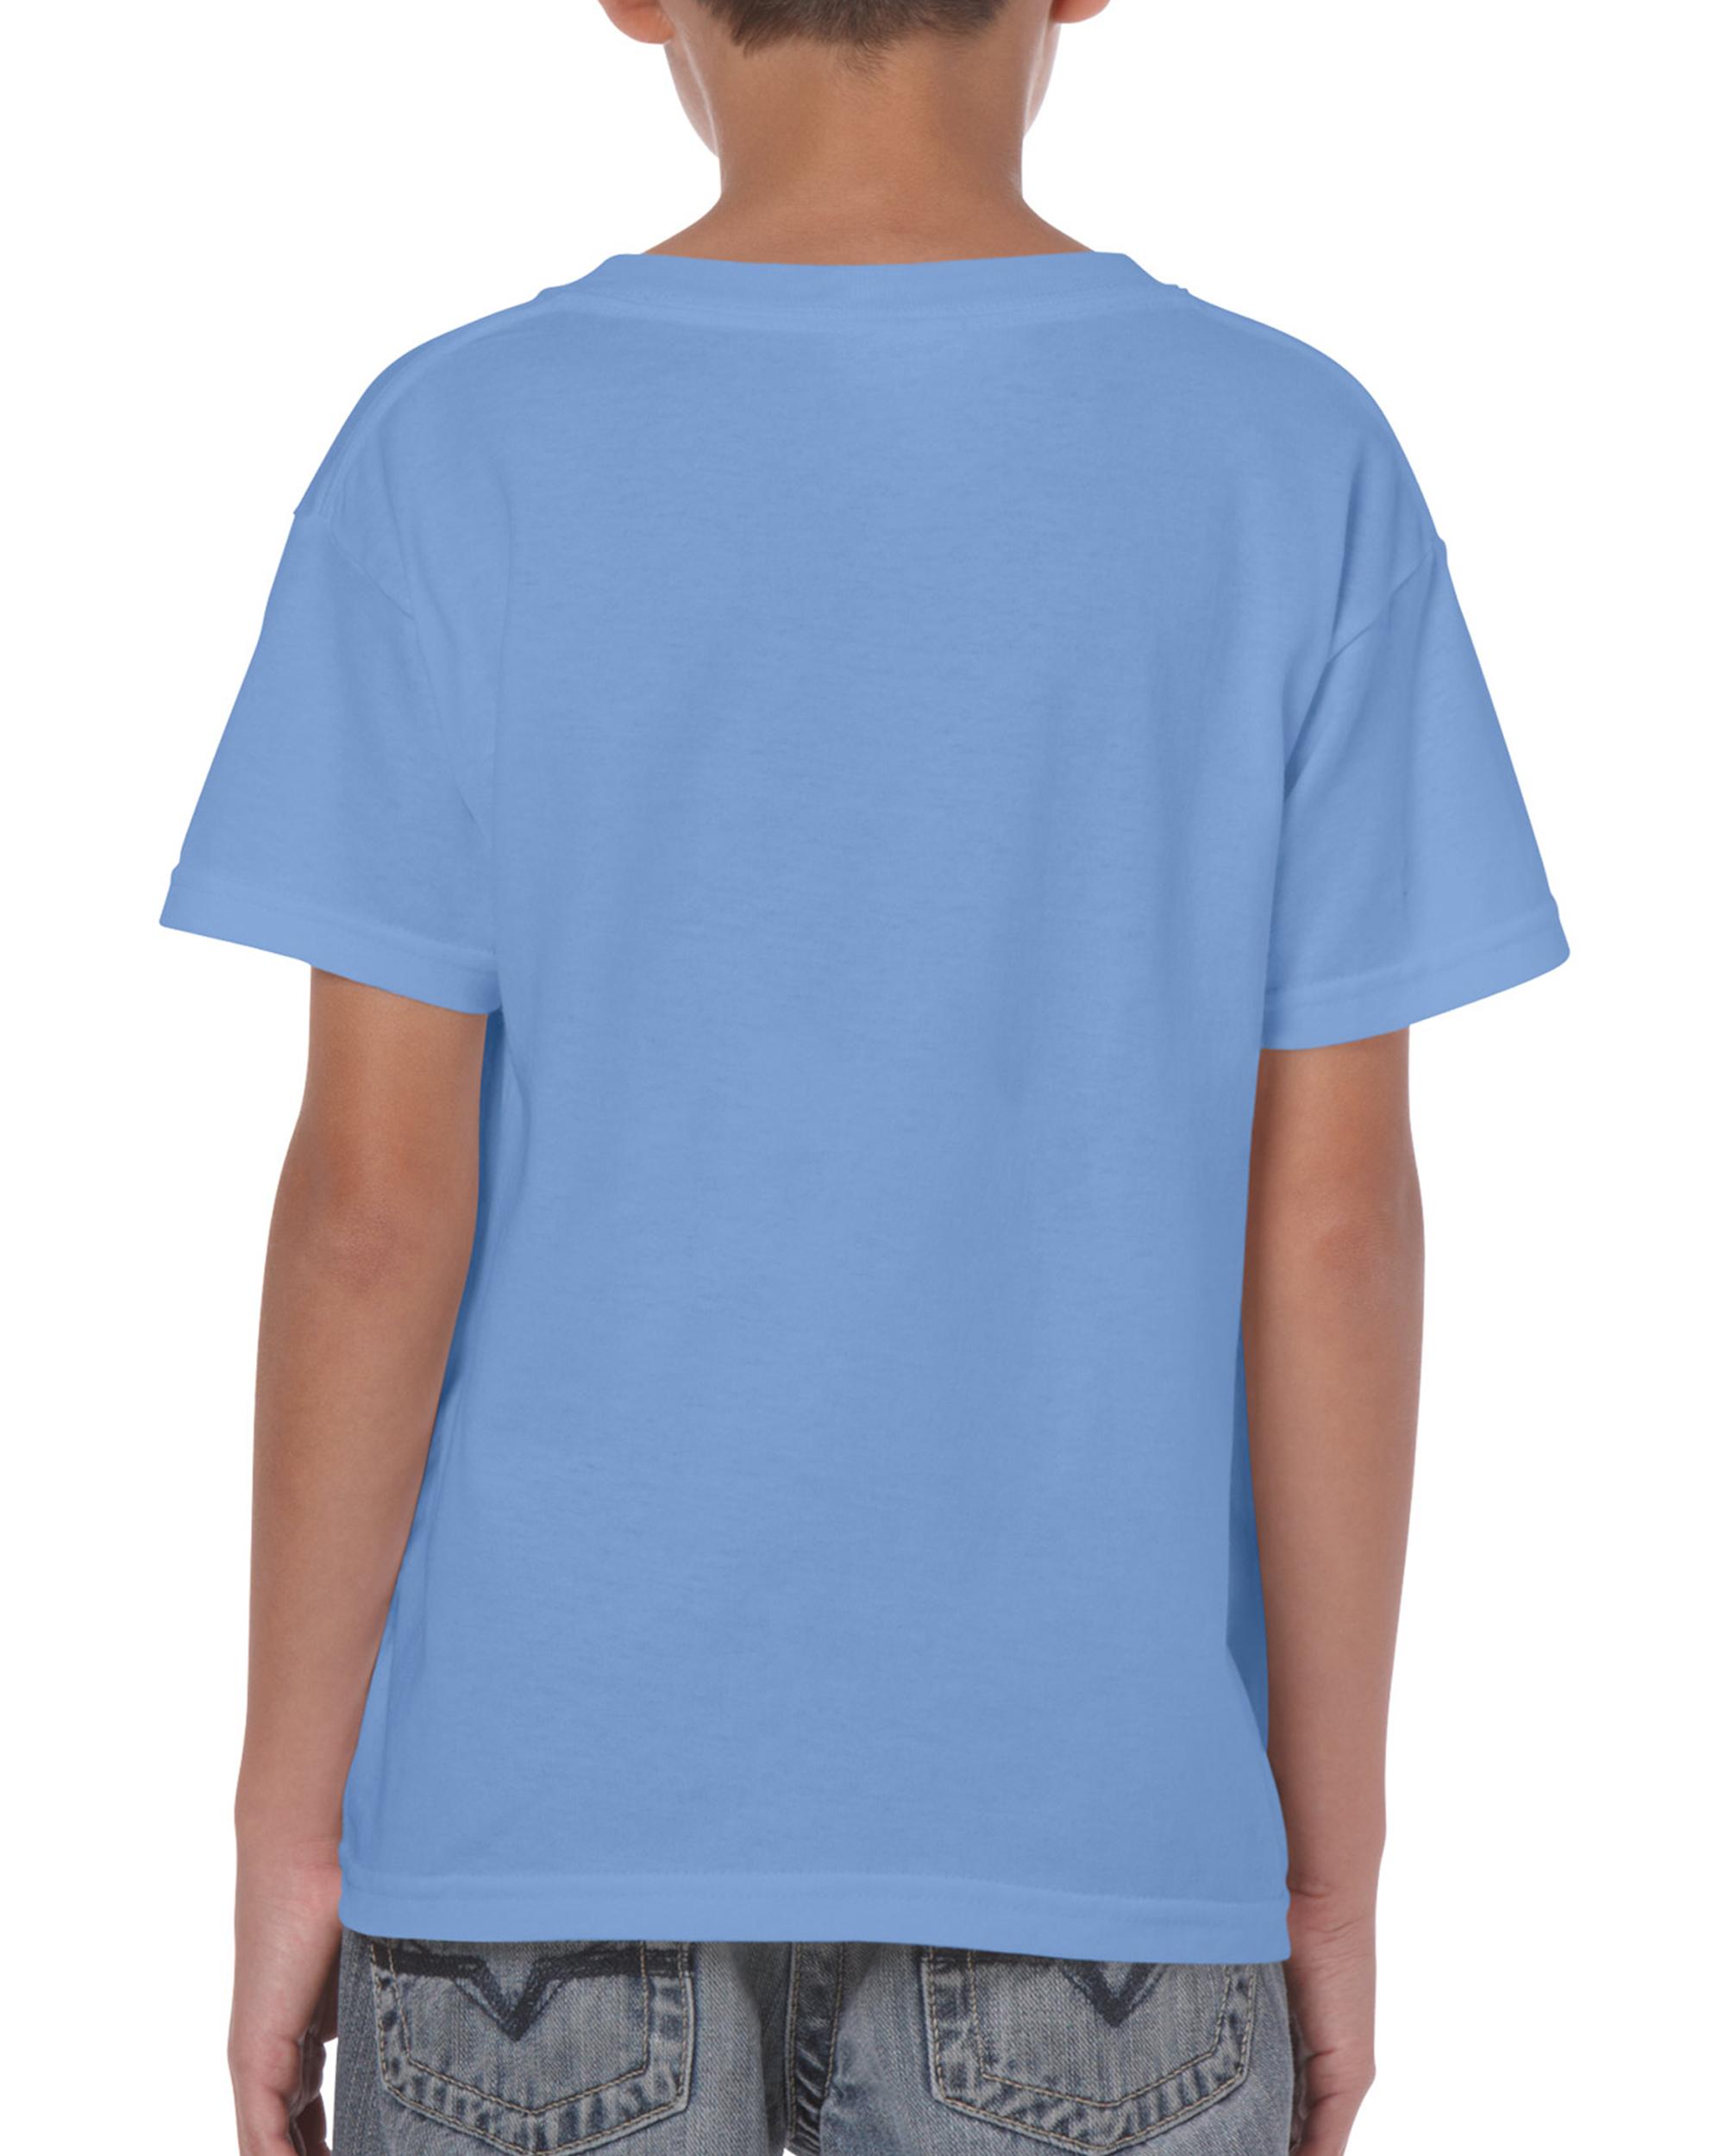 Nuorten Heavy Cotton T-paita 5000b takaa